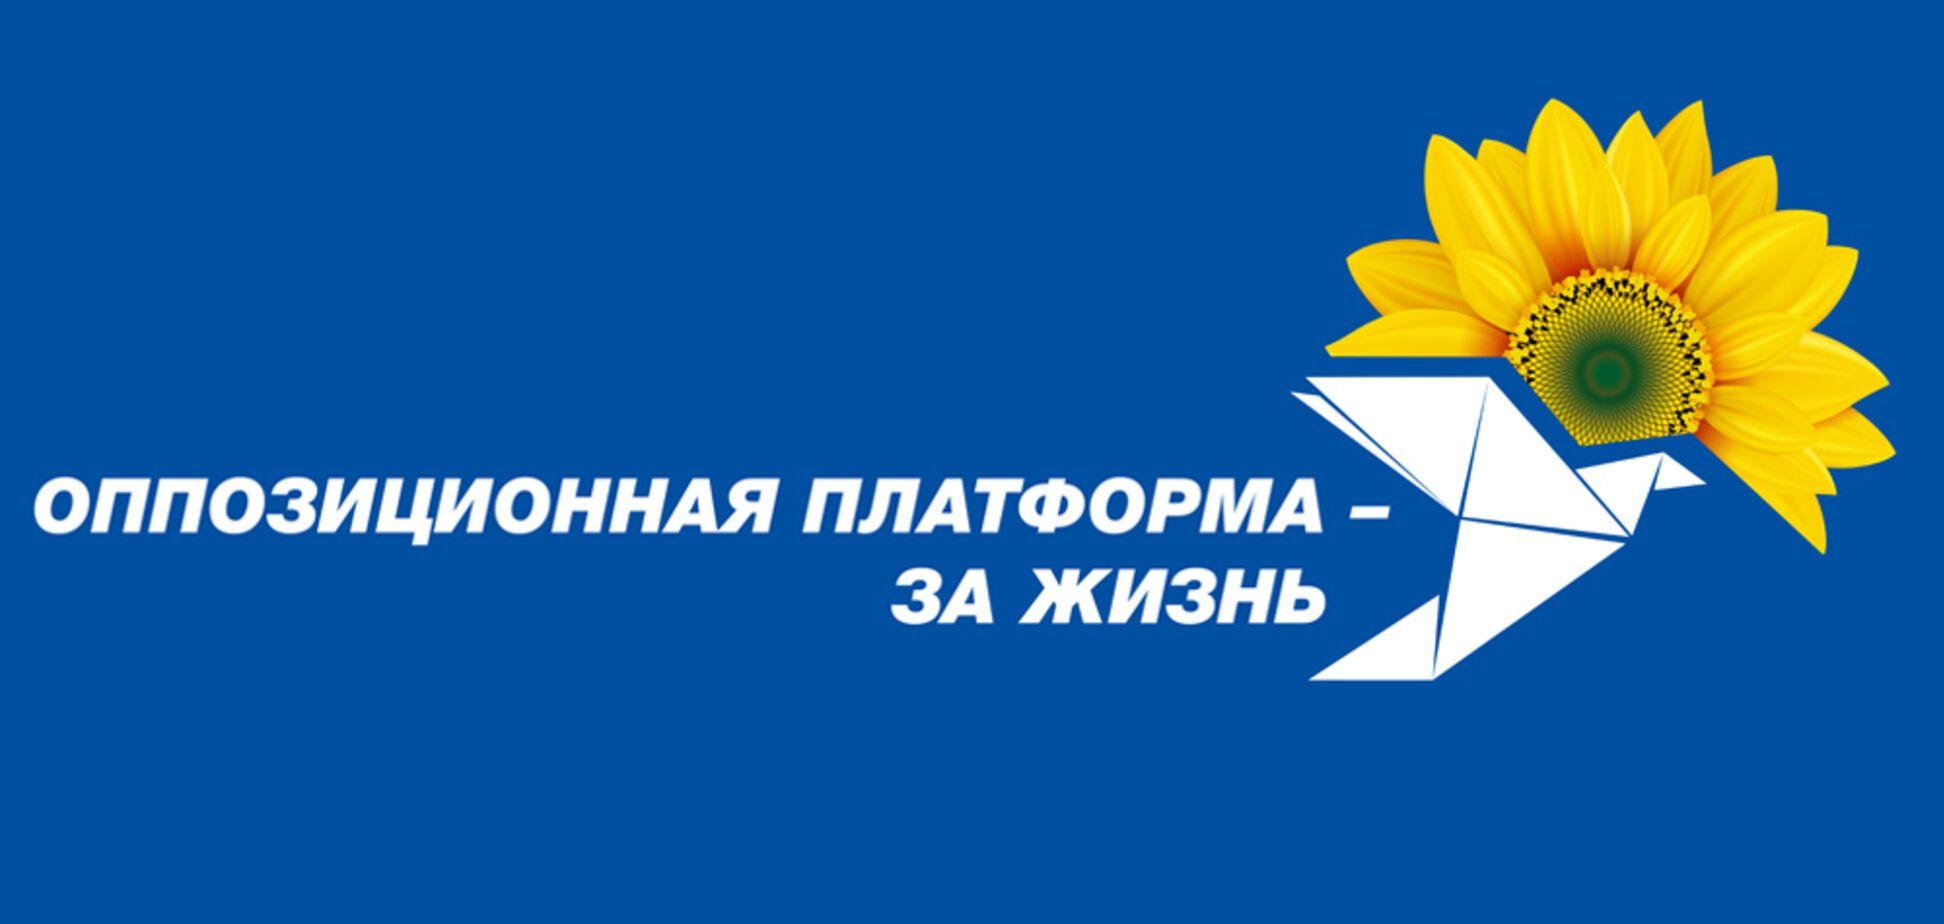 В ОПЗЖ пообещали украинцам снизить тариф